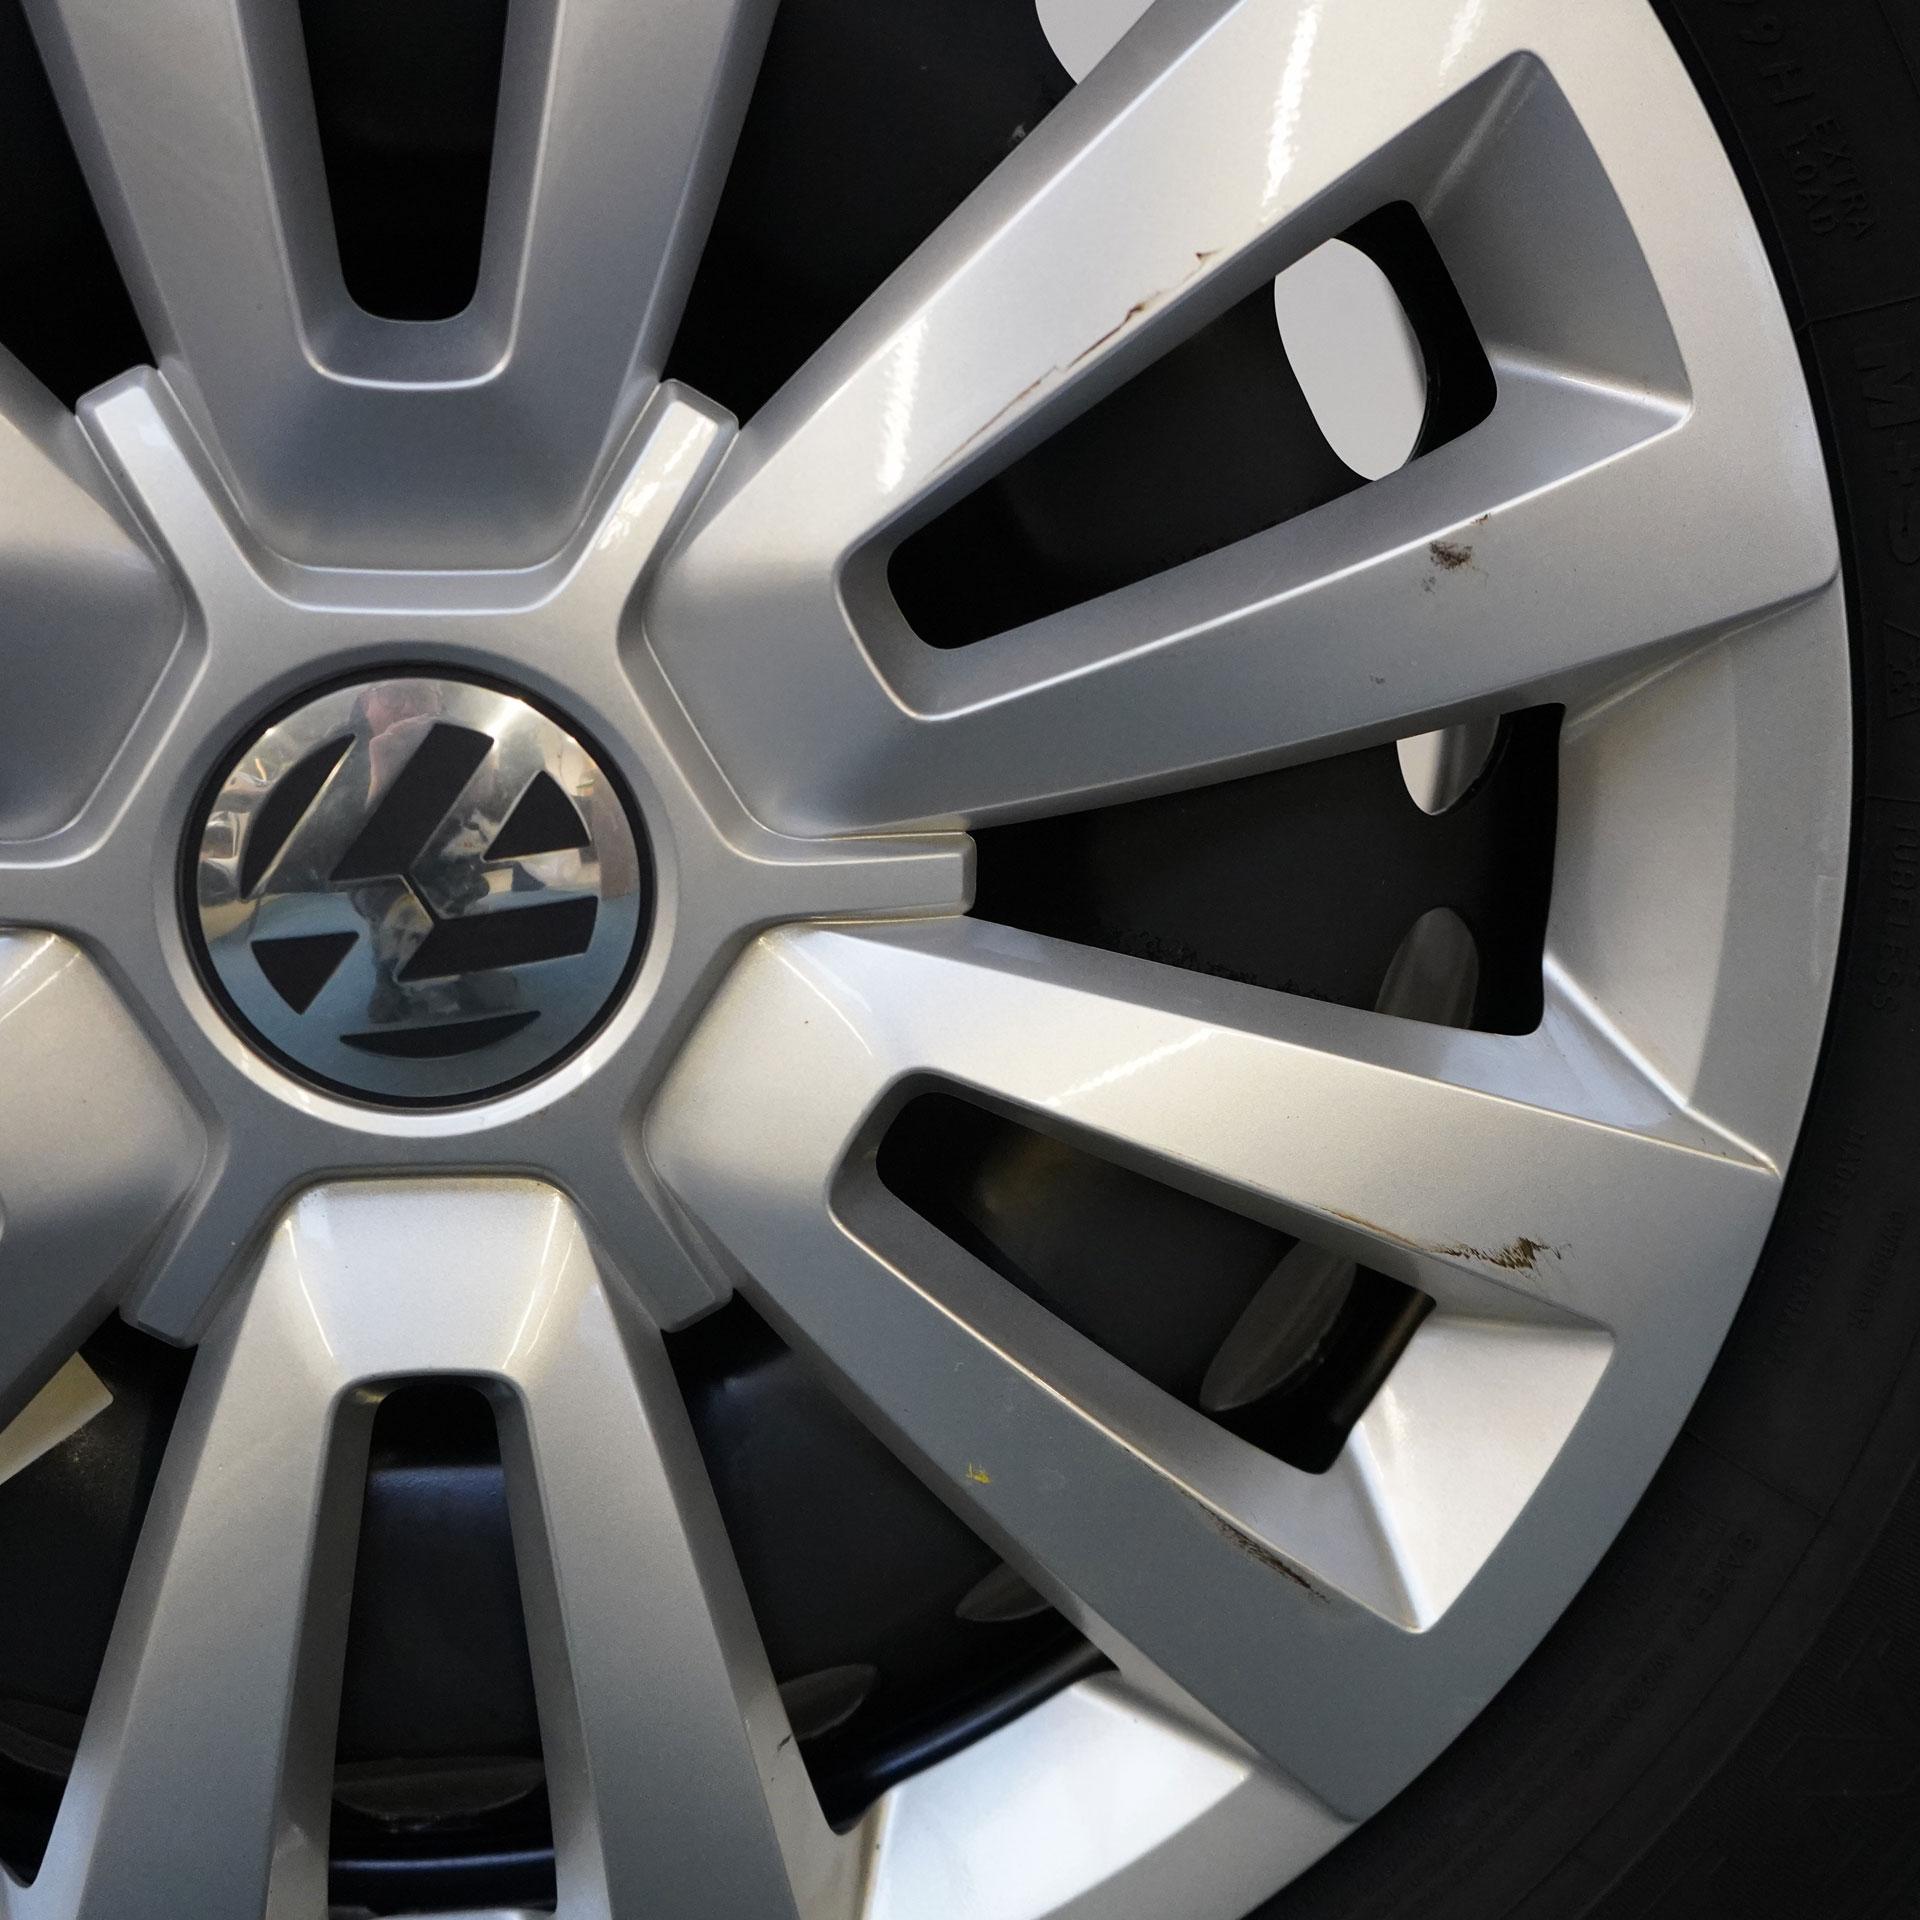 VW Beetle Gebrauchter 16 Zoll Original Volkswagen Winterkomplettrad-Satz Dunlop